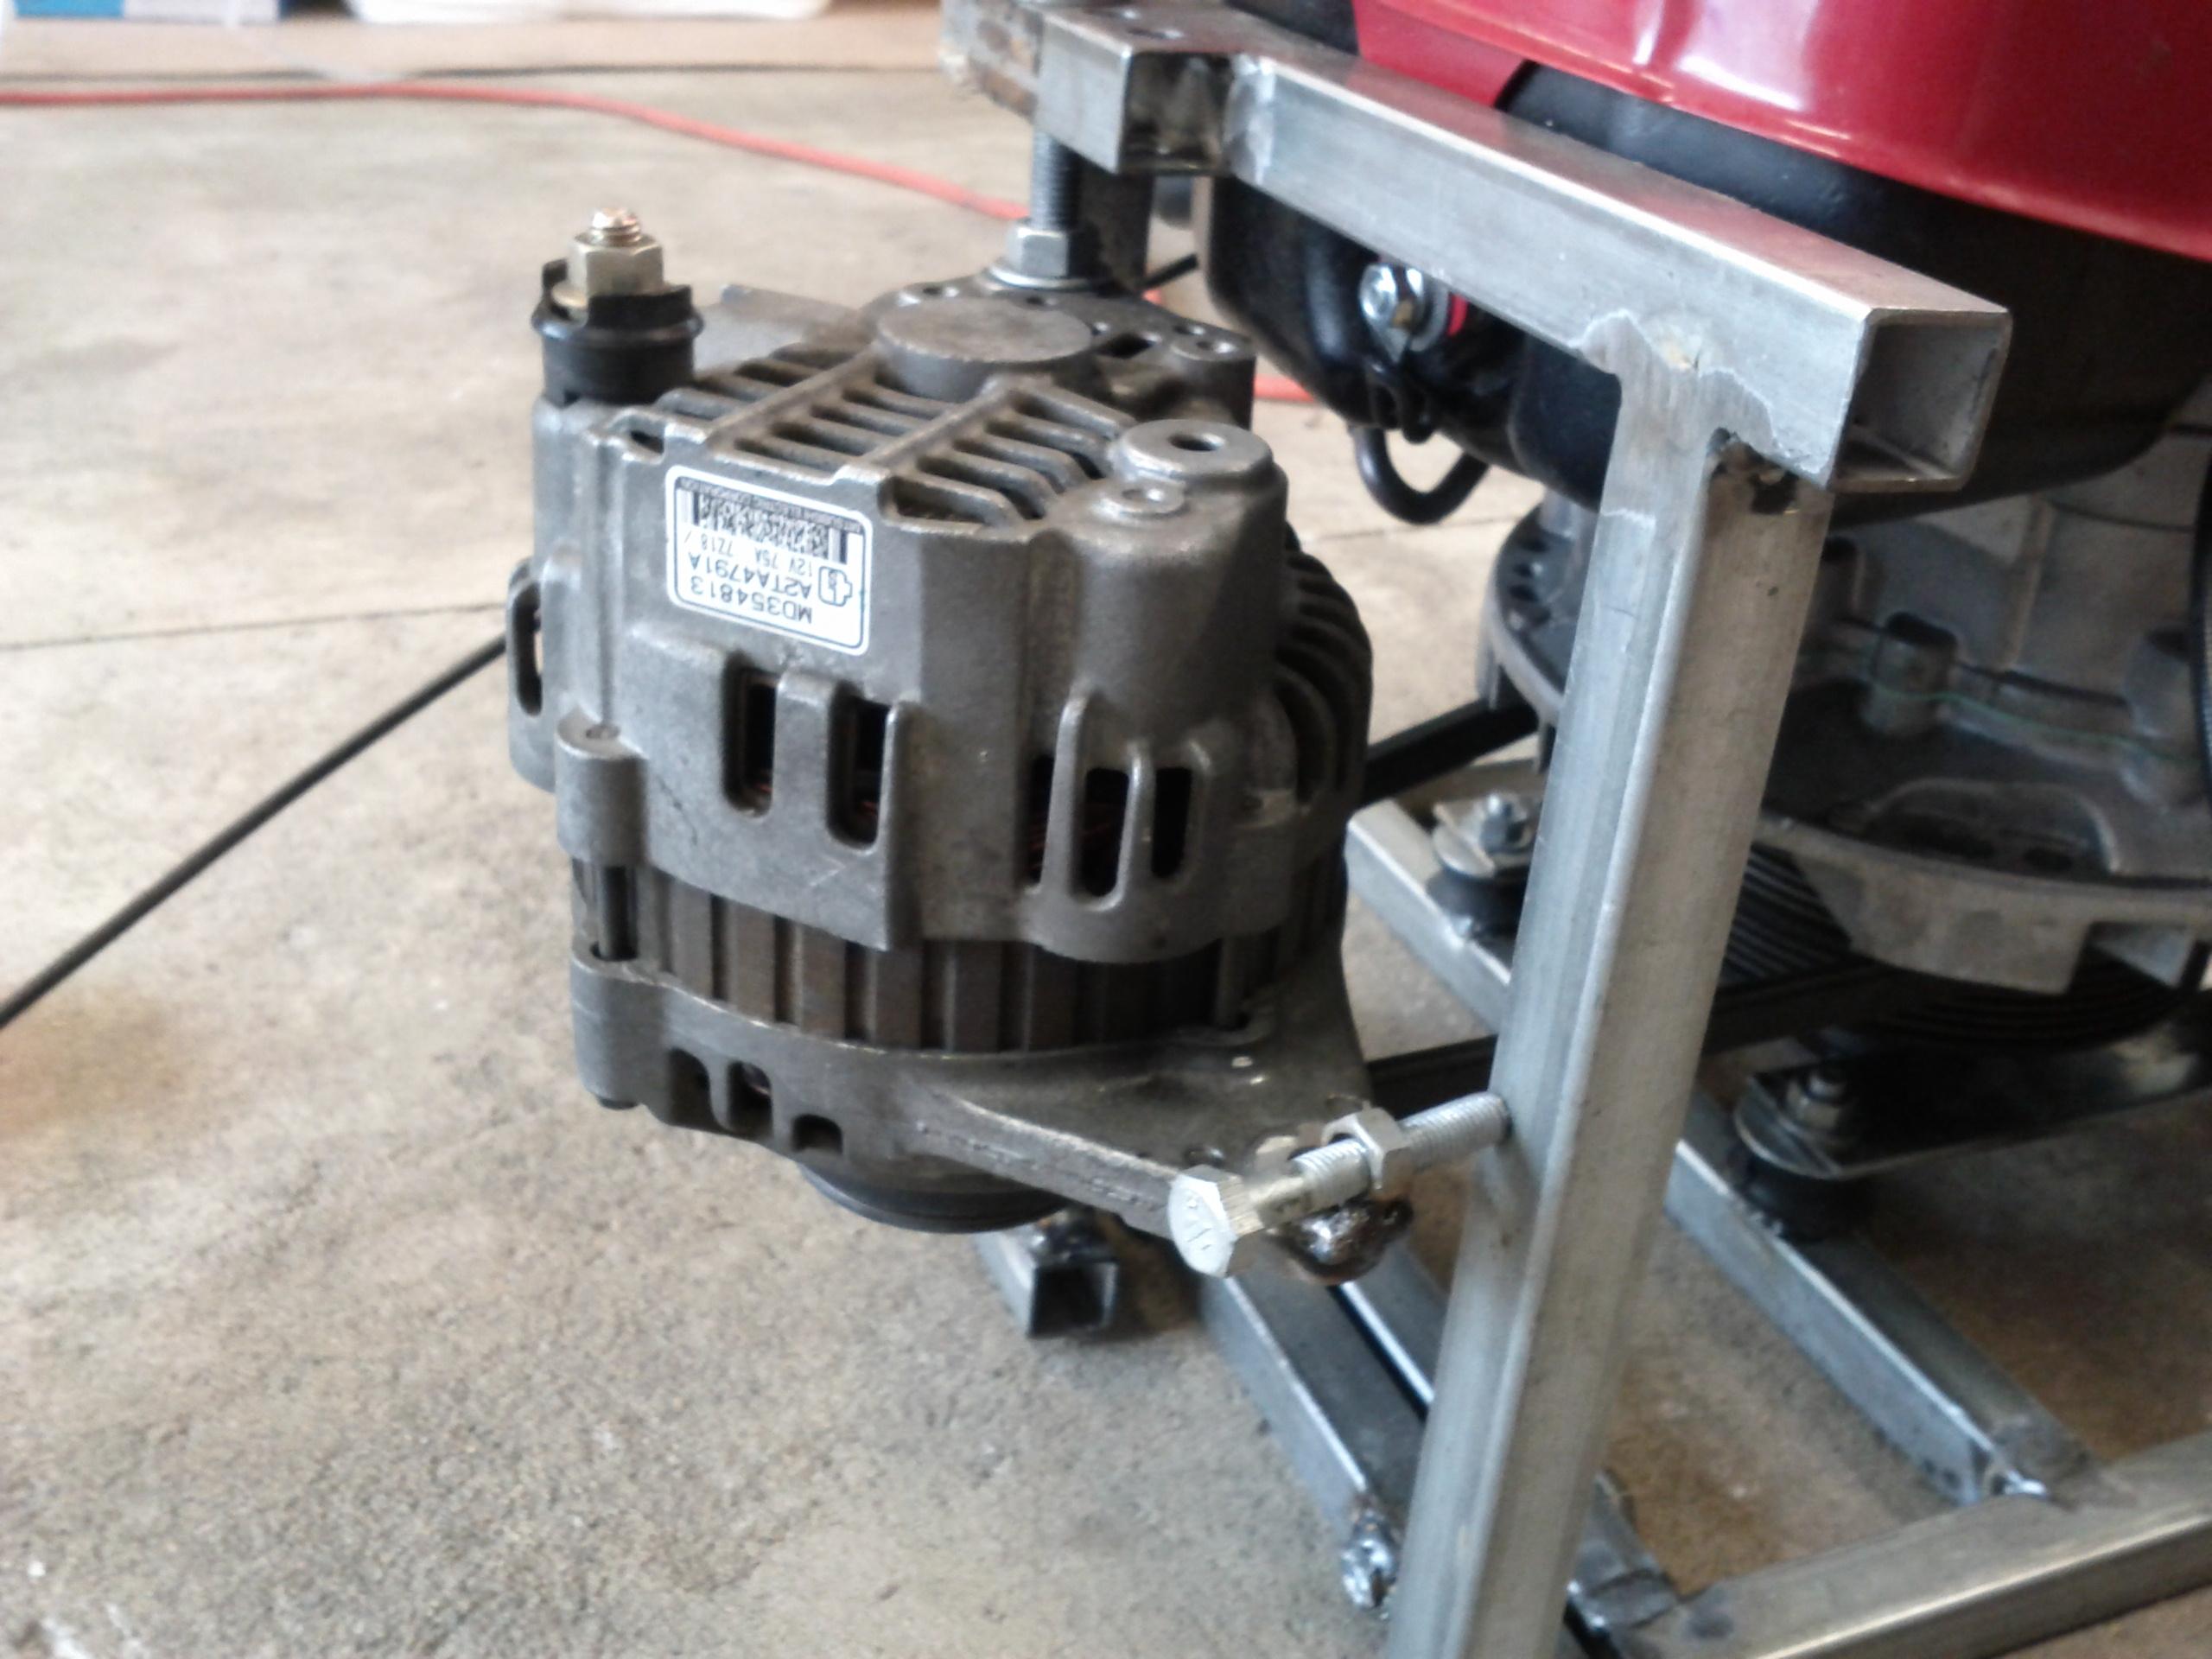 Power generator - Part 1 > Make it, Break it, Fix it